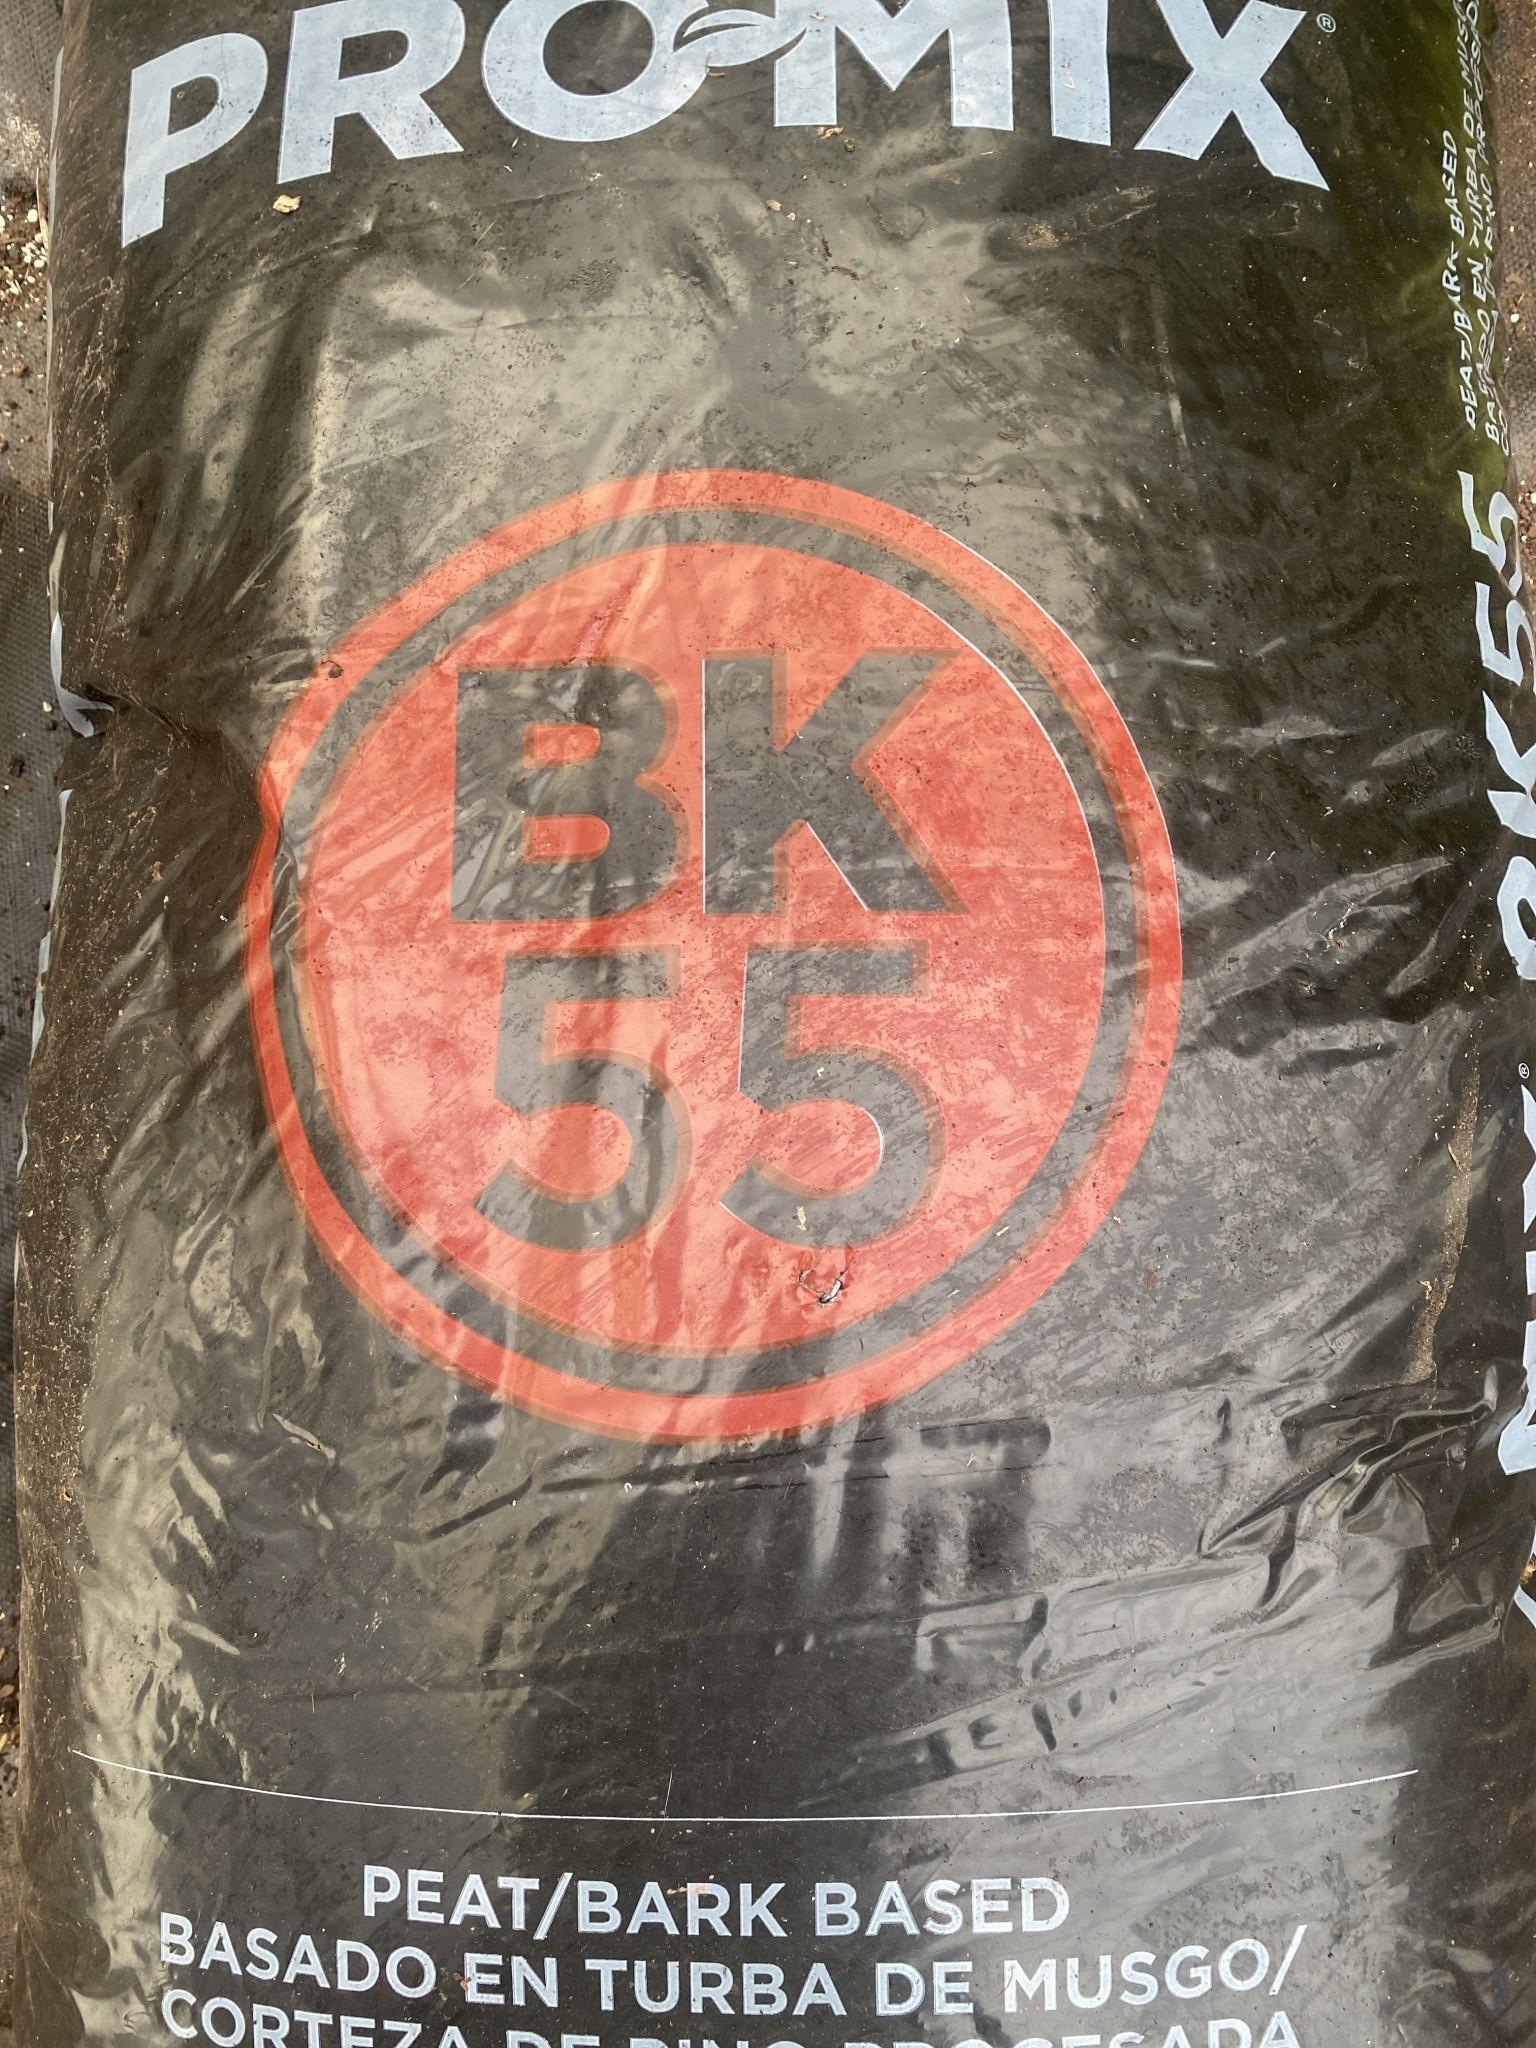 ProMix BK55 Potting soil, 2.8 cu ft bag